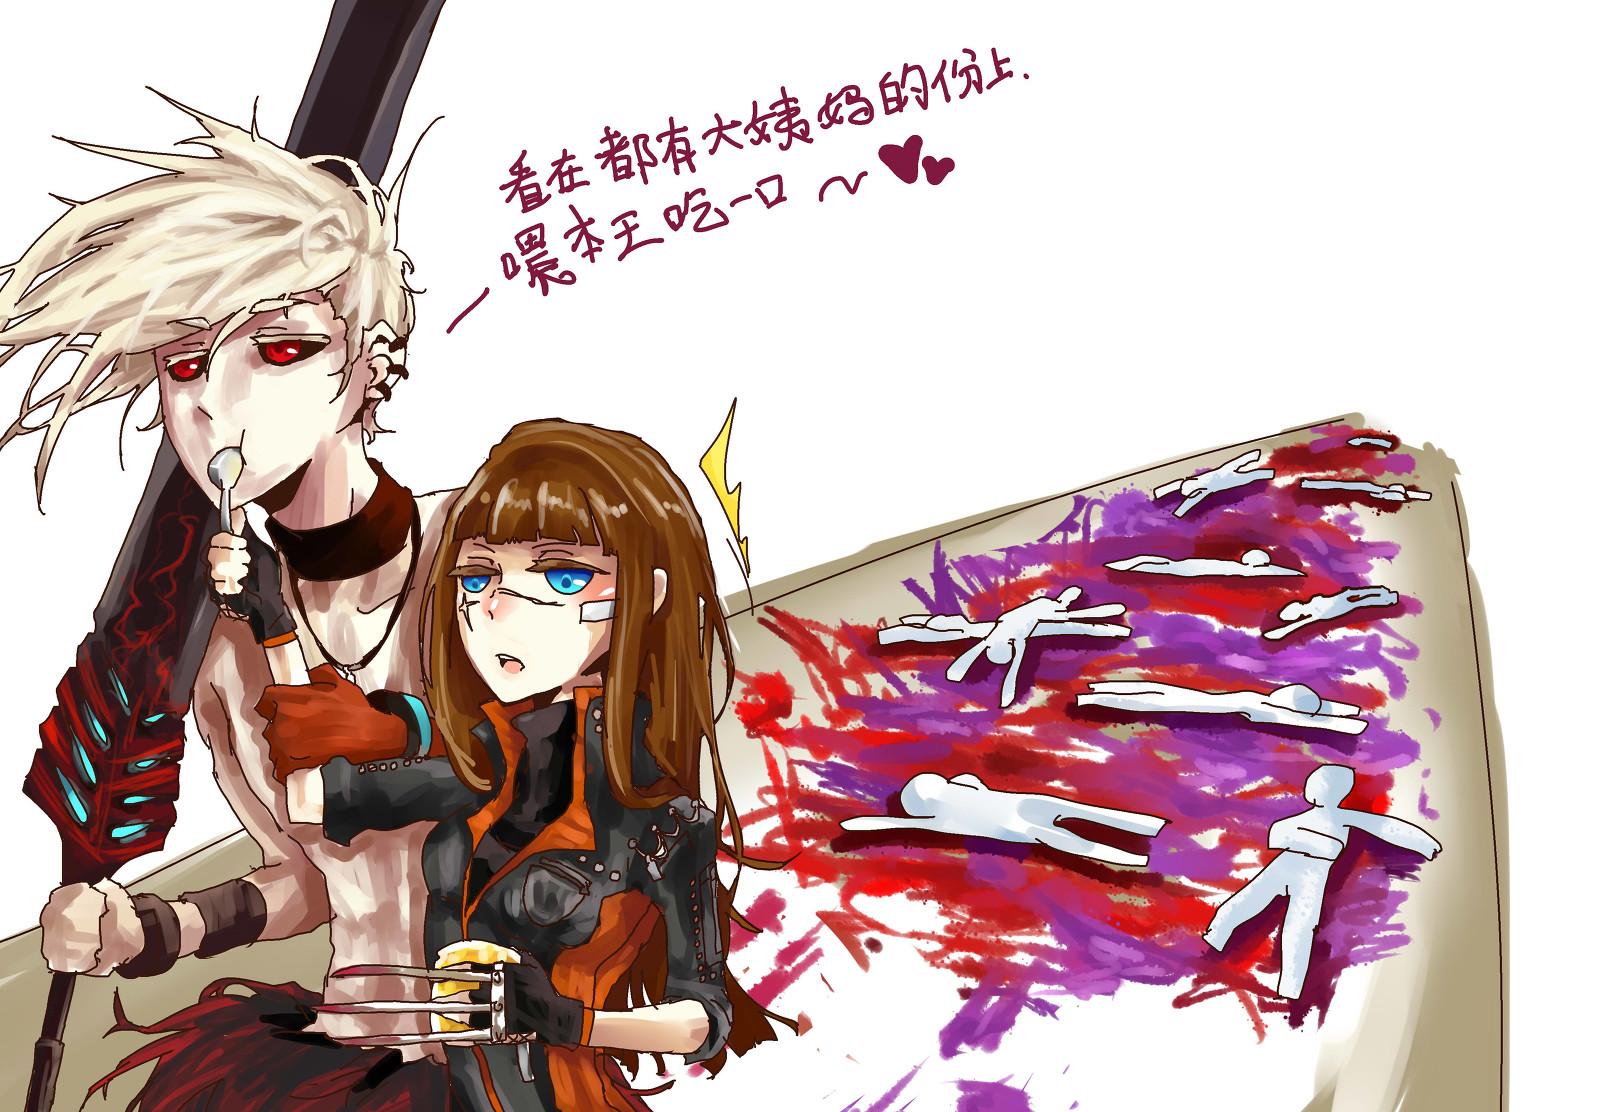 护士 dnf/DNF同人美图第06期 女鬼剑的护士装制服诱惑